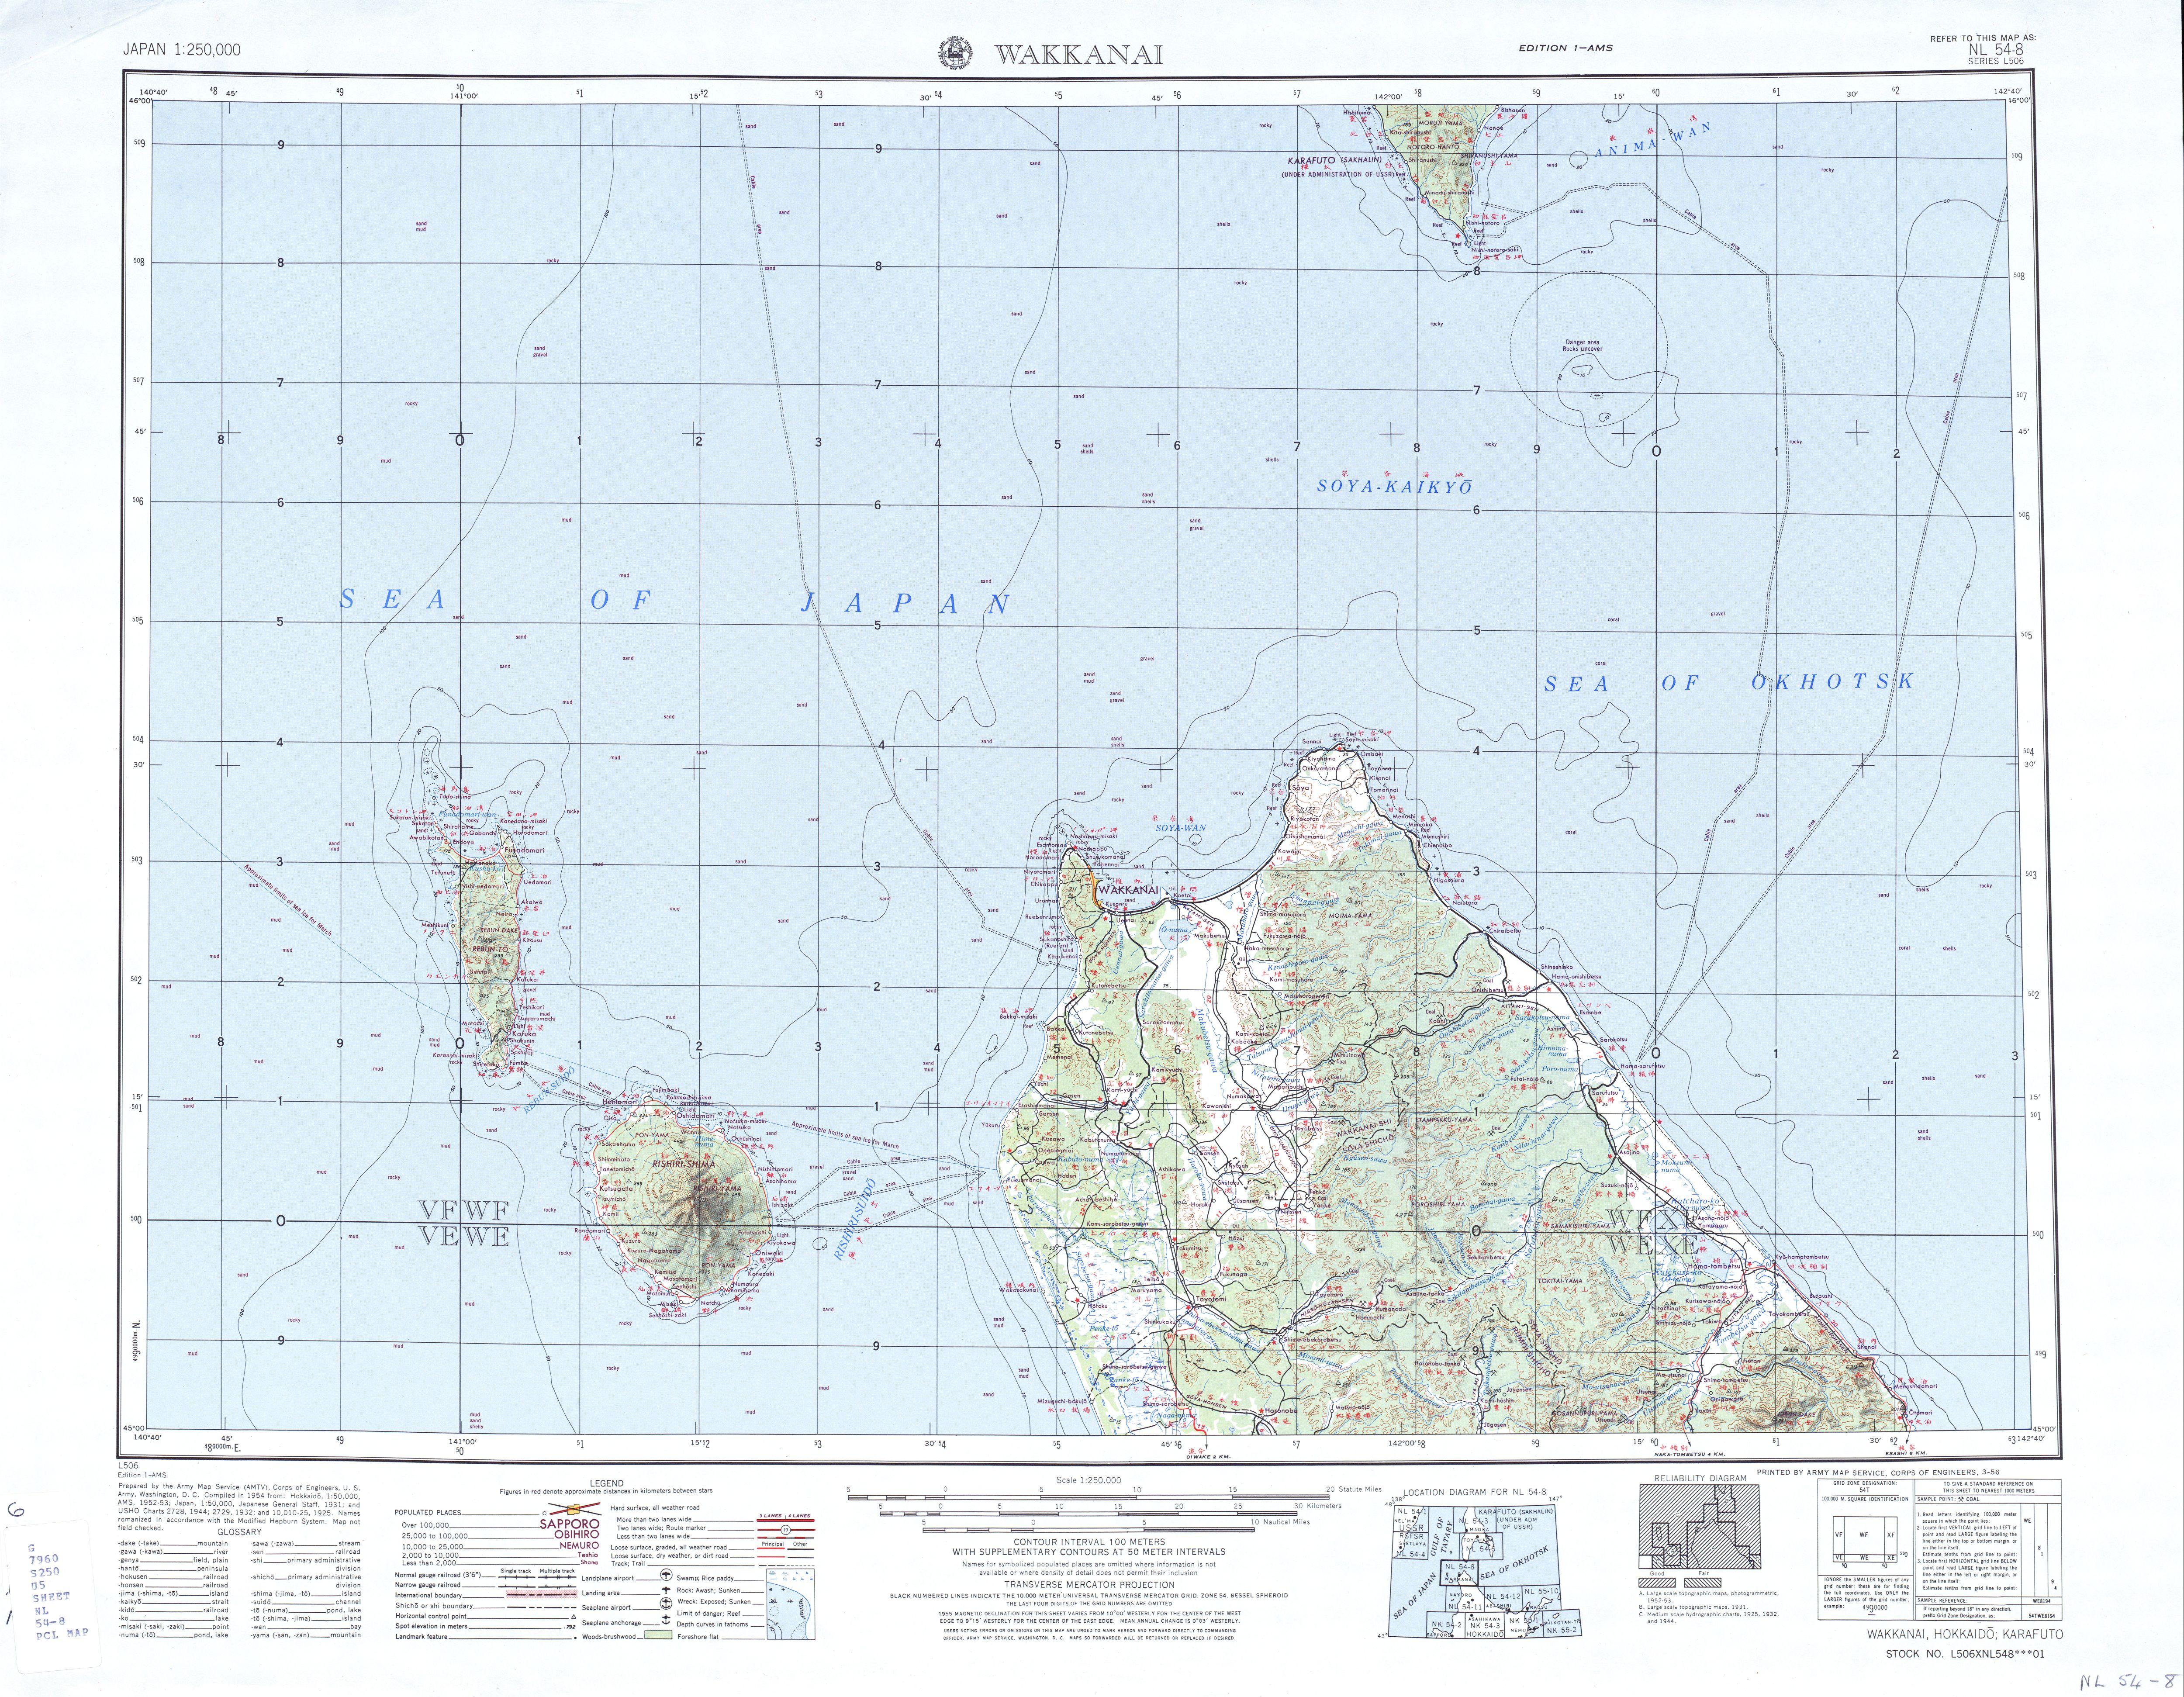 Hoja Wakkanai del Mapa Topográfico de Japón 1954